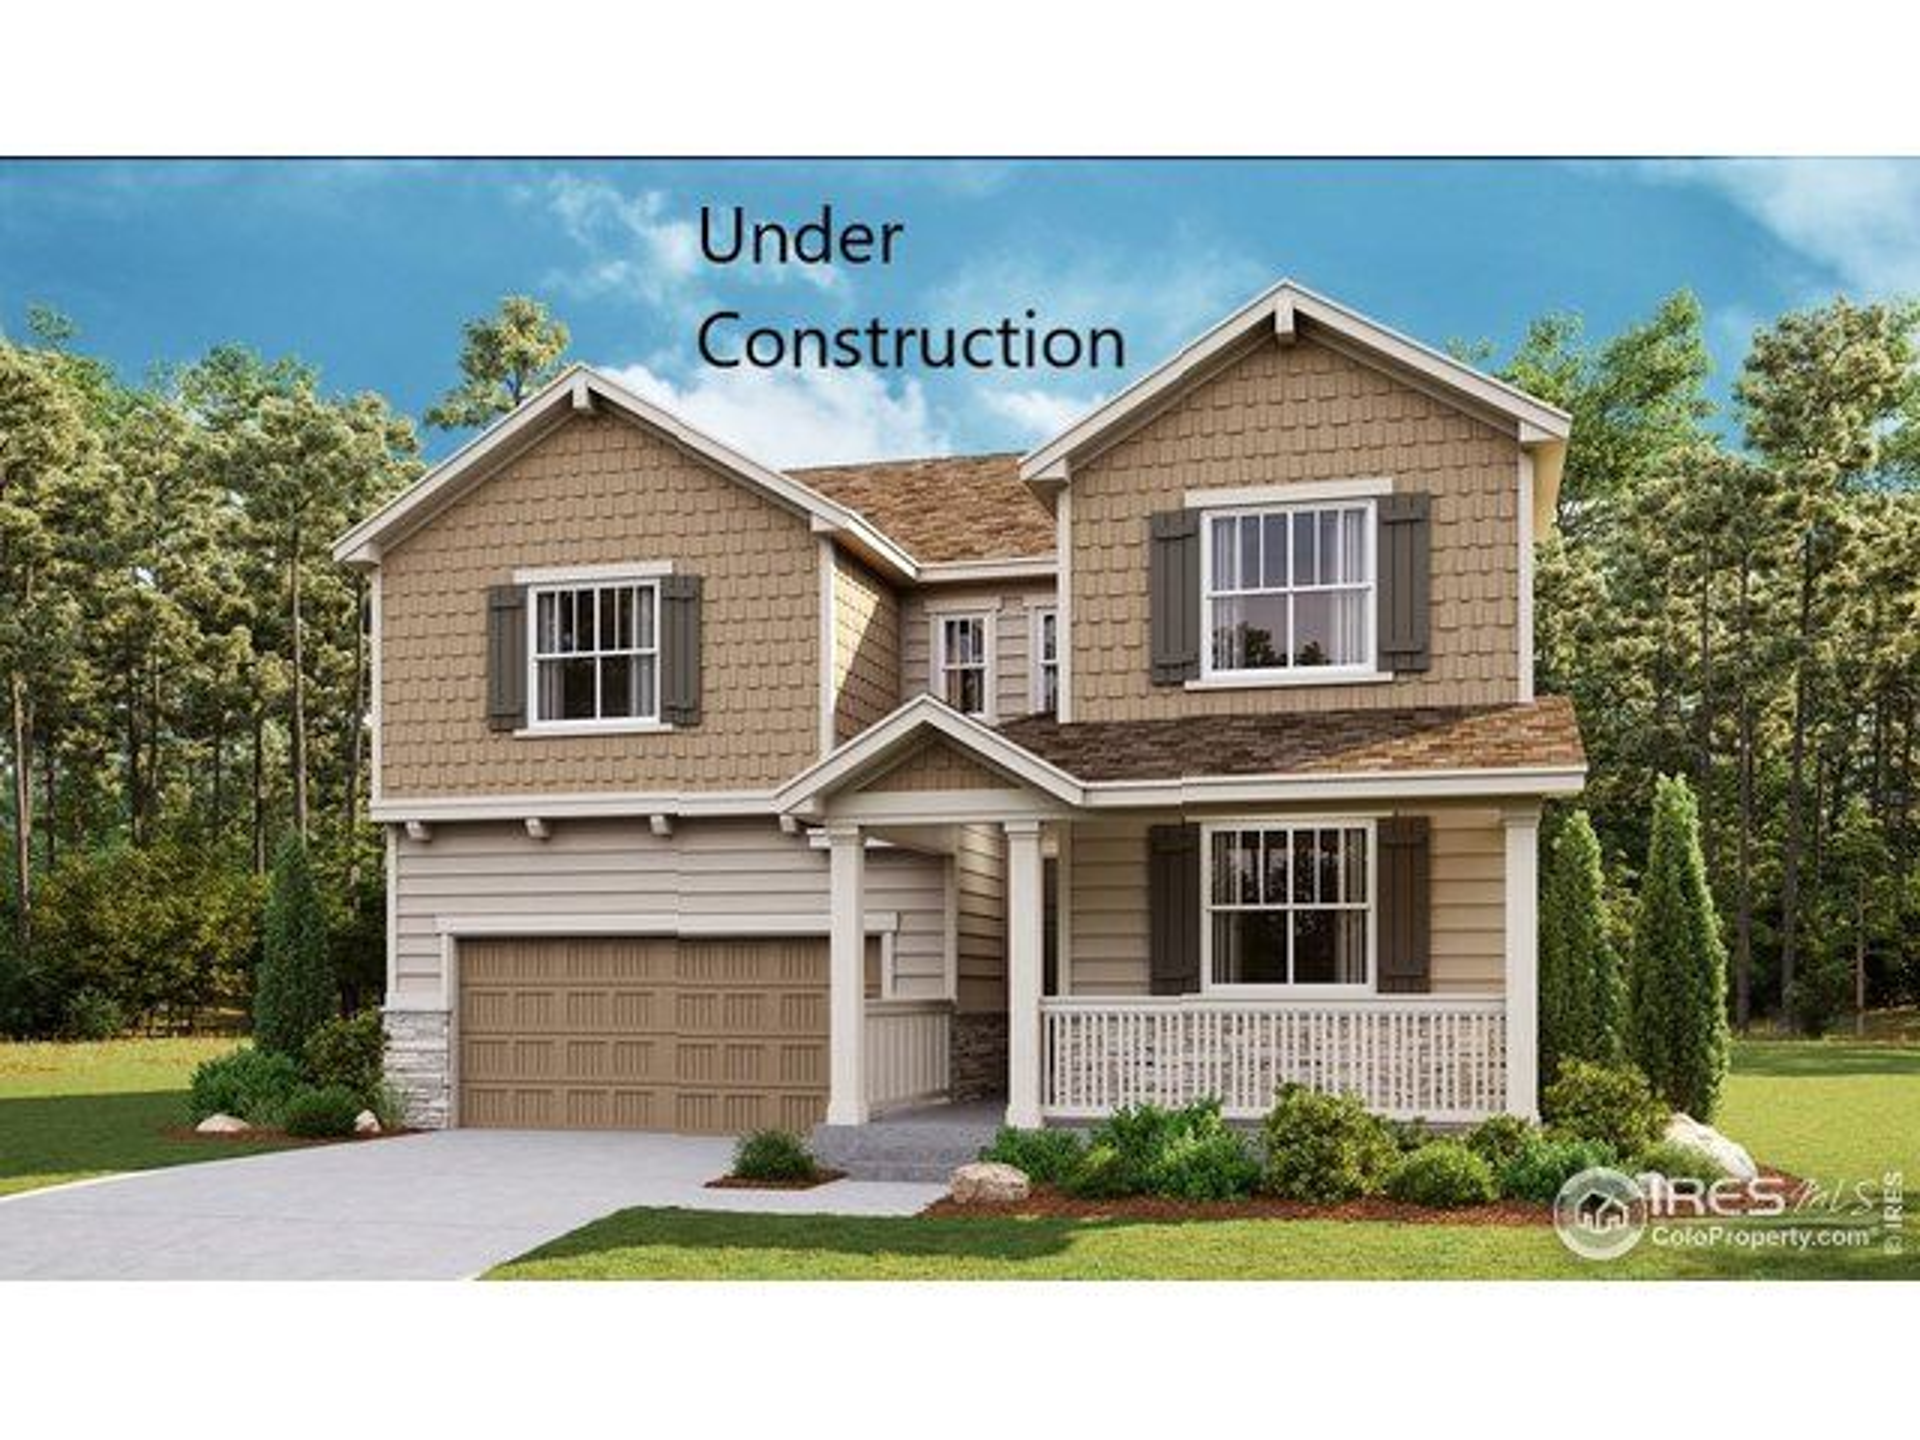 5820 Shady Oaks Ct, Windsor, CO 80528 - #: 937298